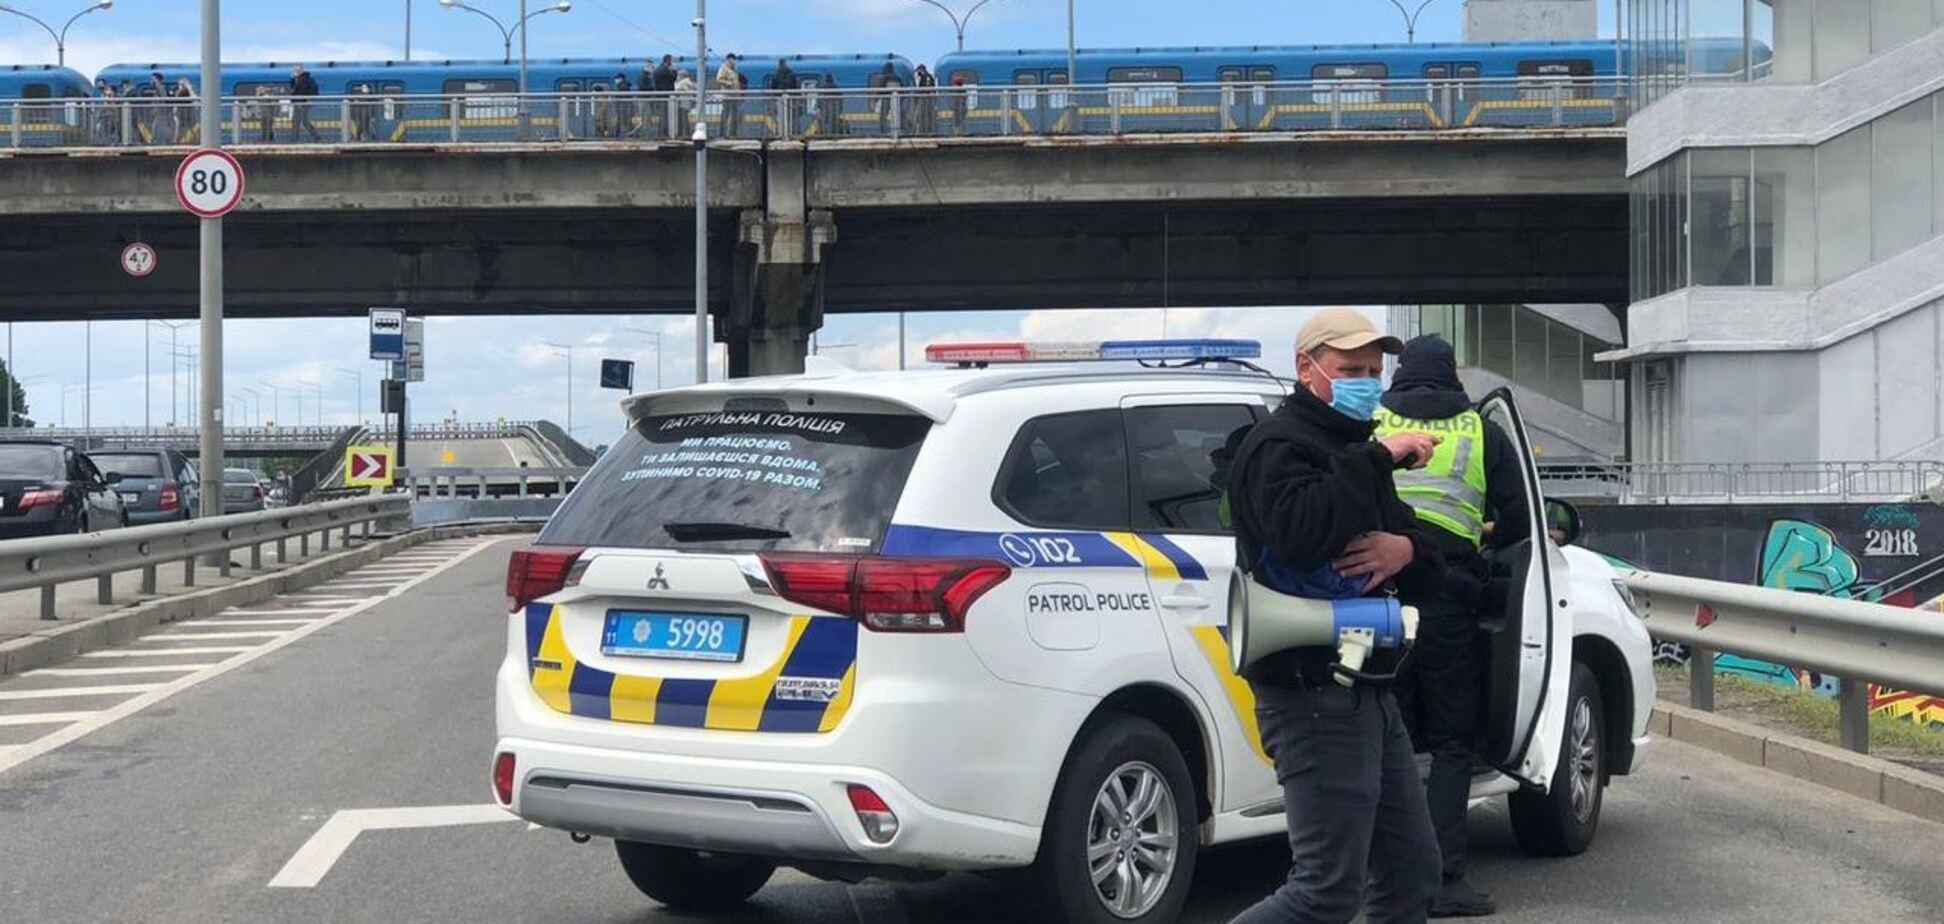 Прокуратура надіслала до суду матеріали справи про мінування моста в Києві